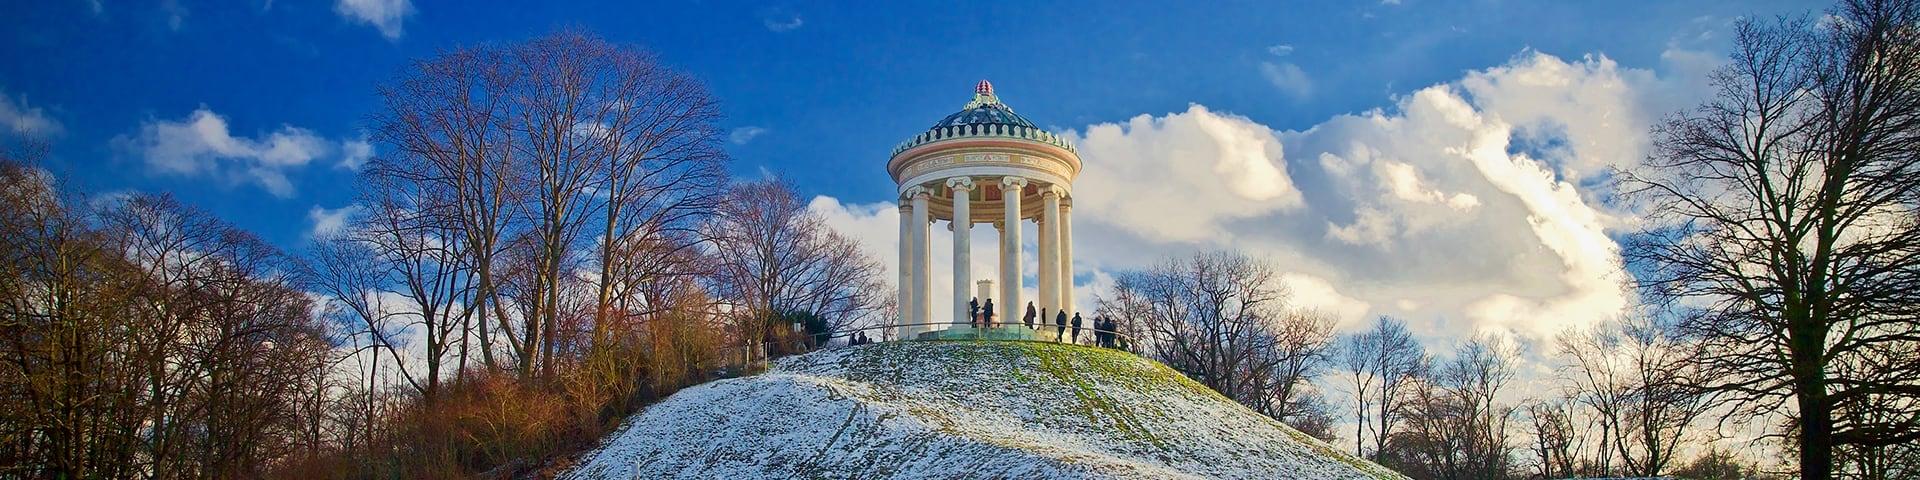 Monopteros in the snow in Englischer Garten, Munich